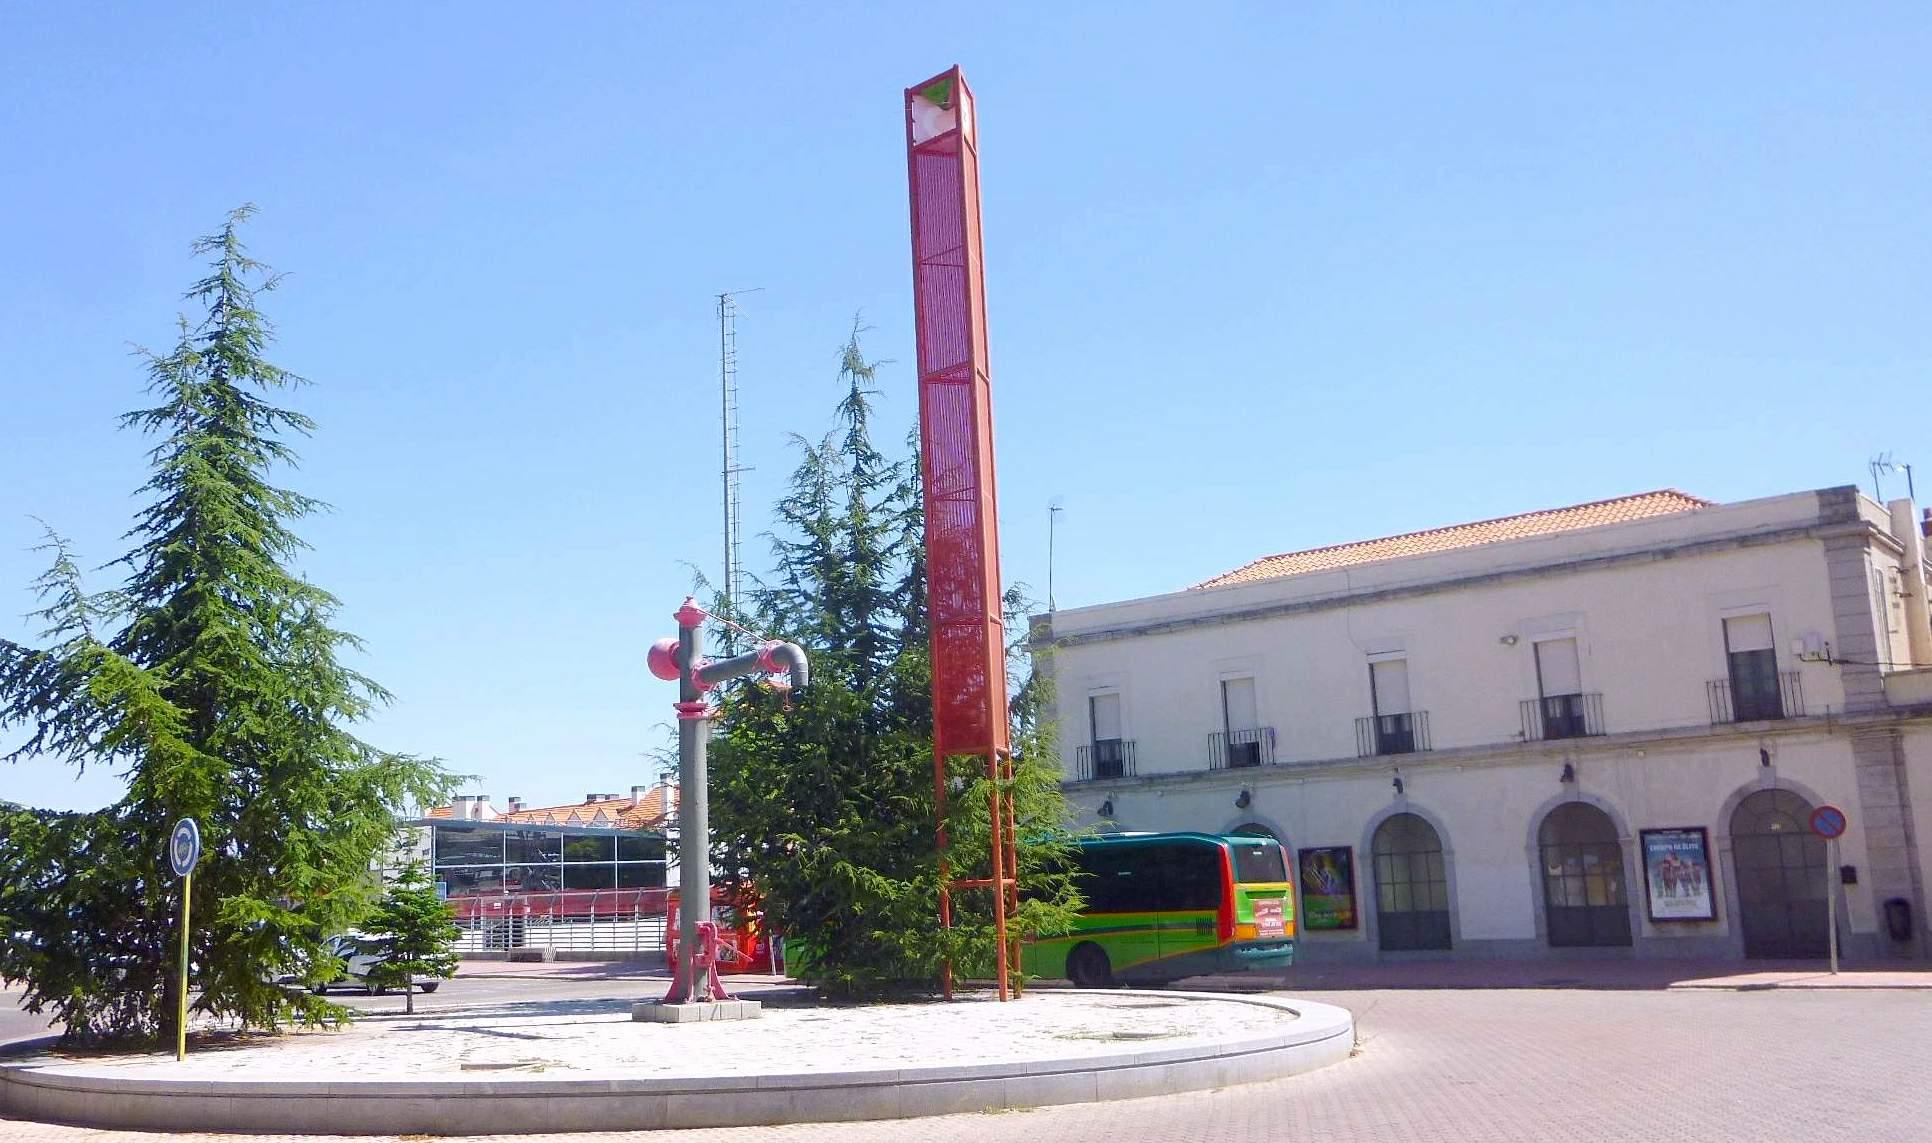 Taxi estación Cercanias El Escorial